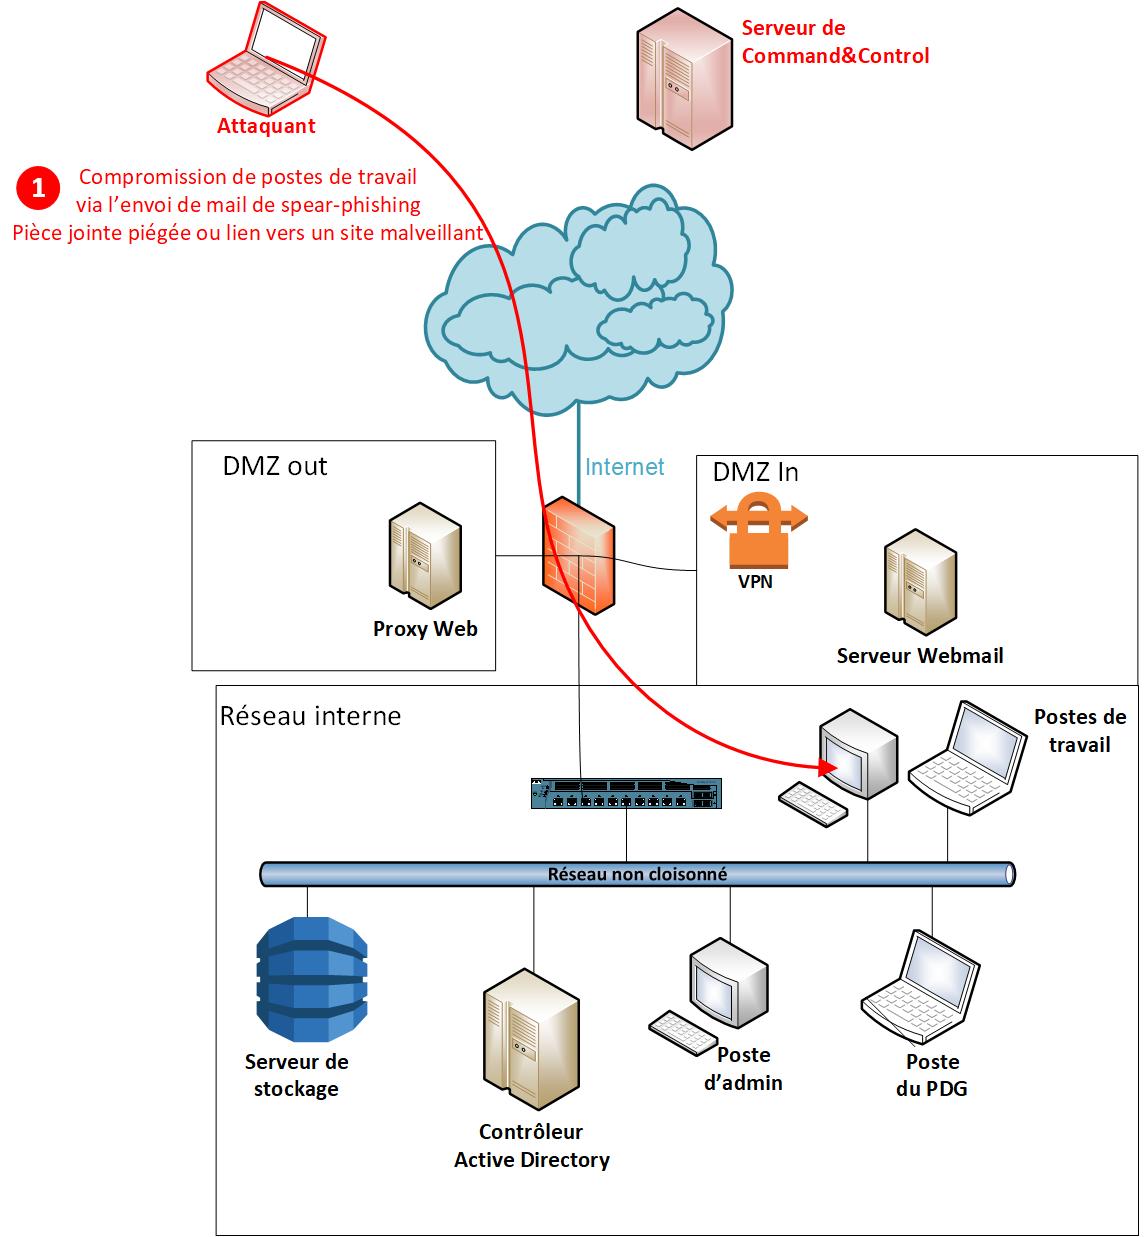 APT - Etape de Compromission initiale de postes de travail via l'envoi de mails de spear phishing (pièce jointe piégée ou lien vers un site malveillant).